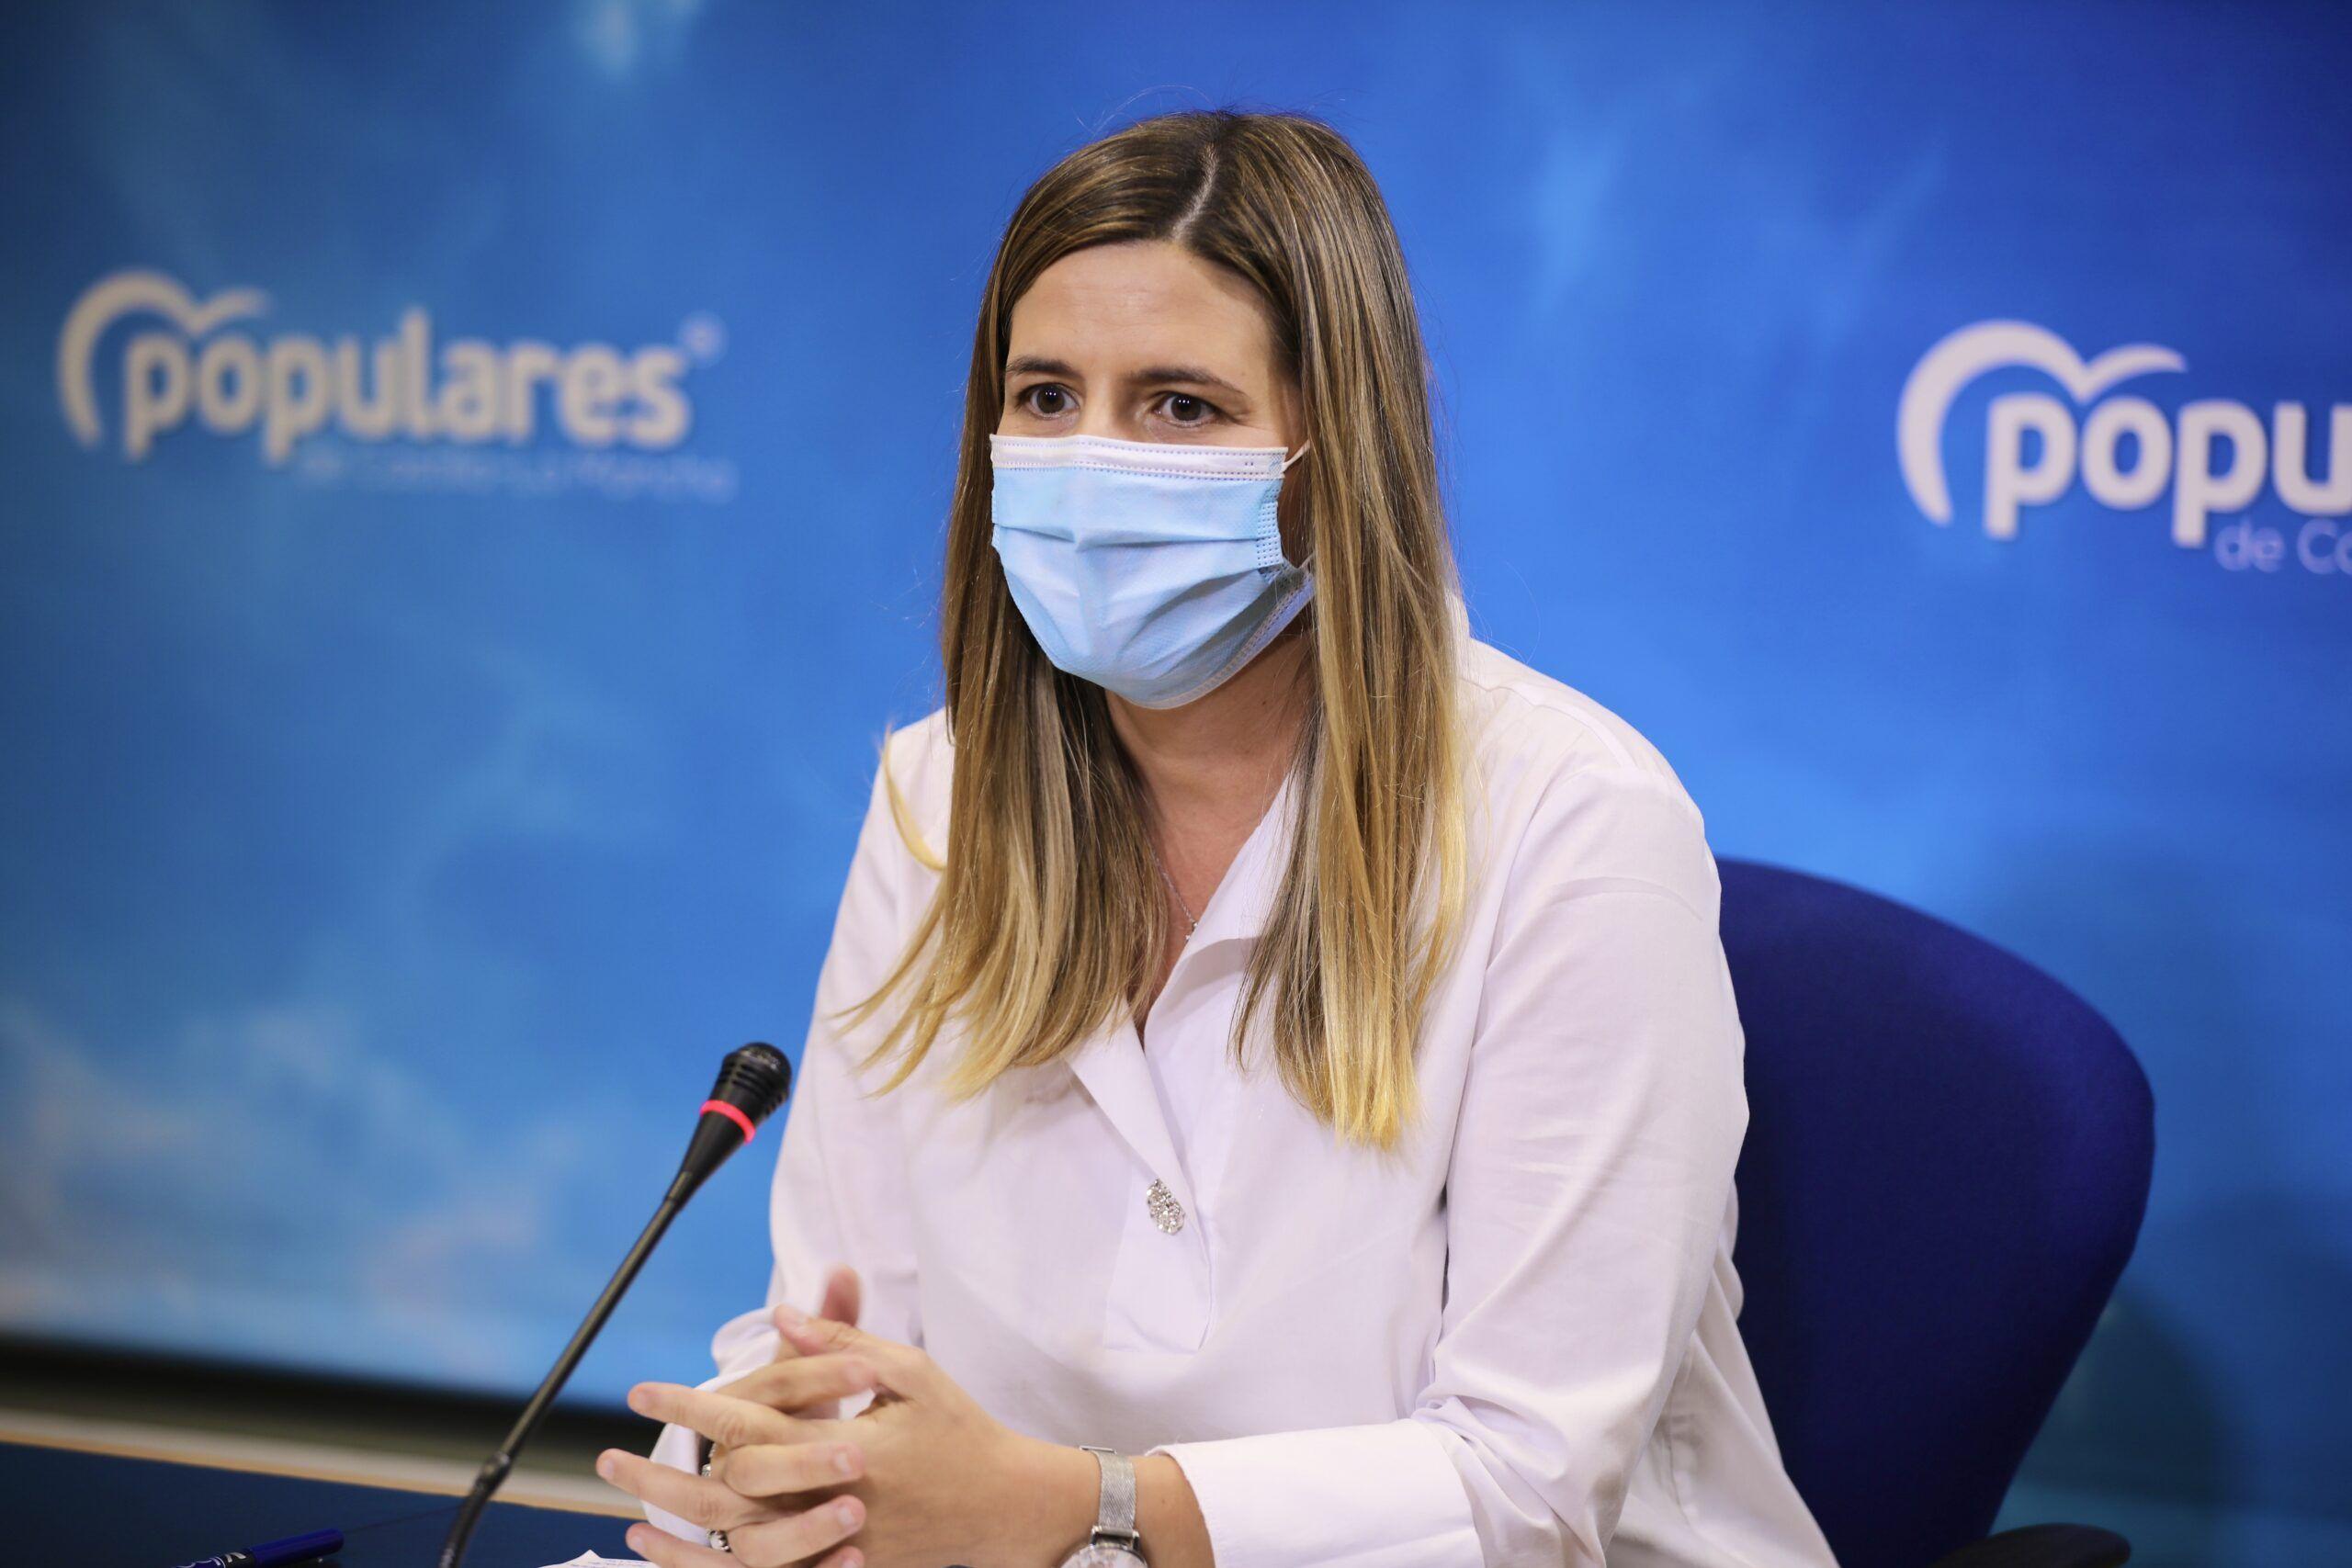 """Agudo: """"El PP-CLM dice sí al mérito, capacidad y esfuerzo, y no al adoctrinamiento y al pensamiento único que es lo que quiere el PSOE de Page y Sánchez"""""""